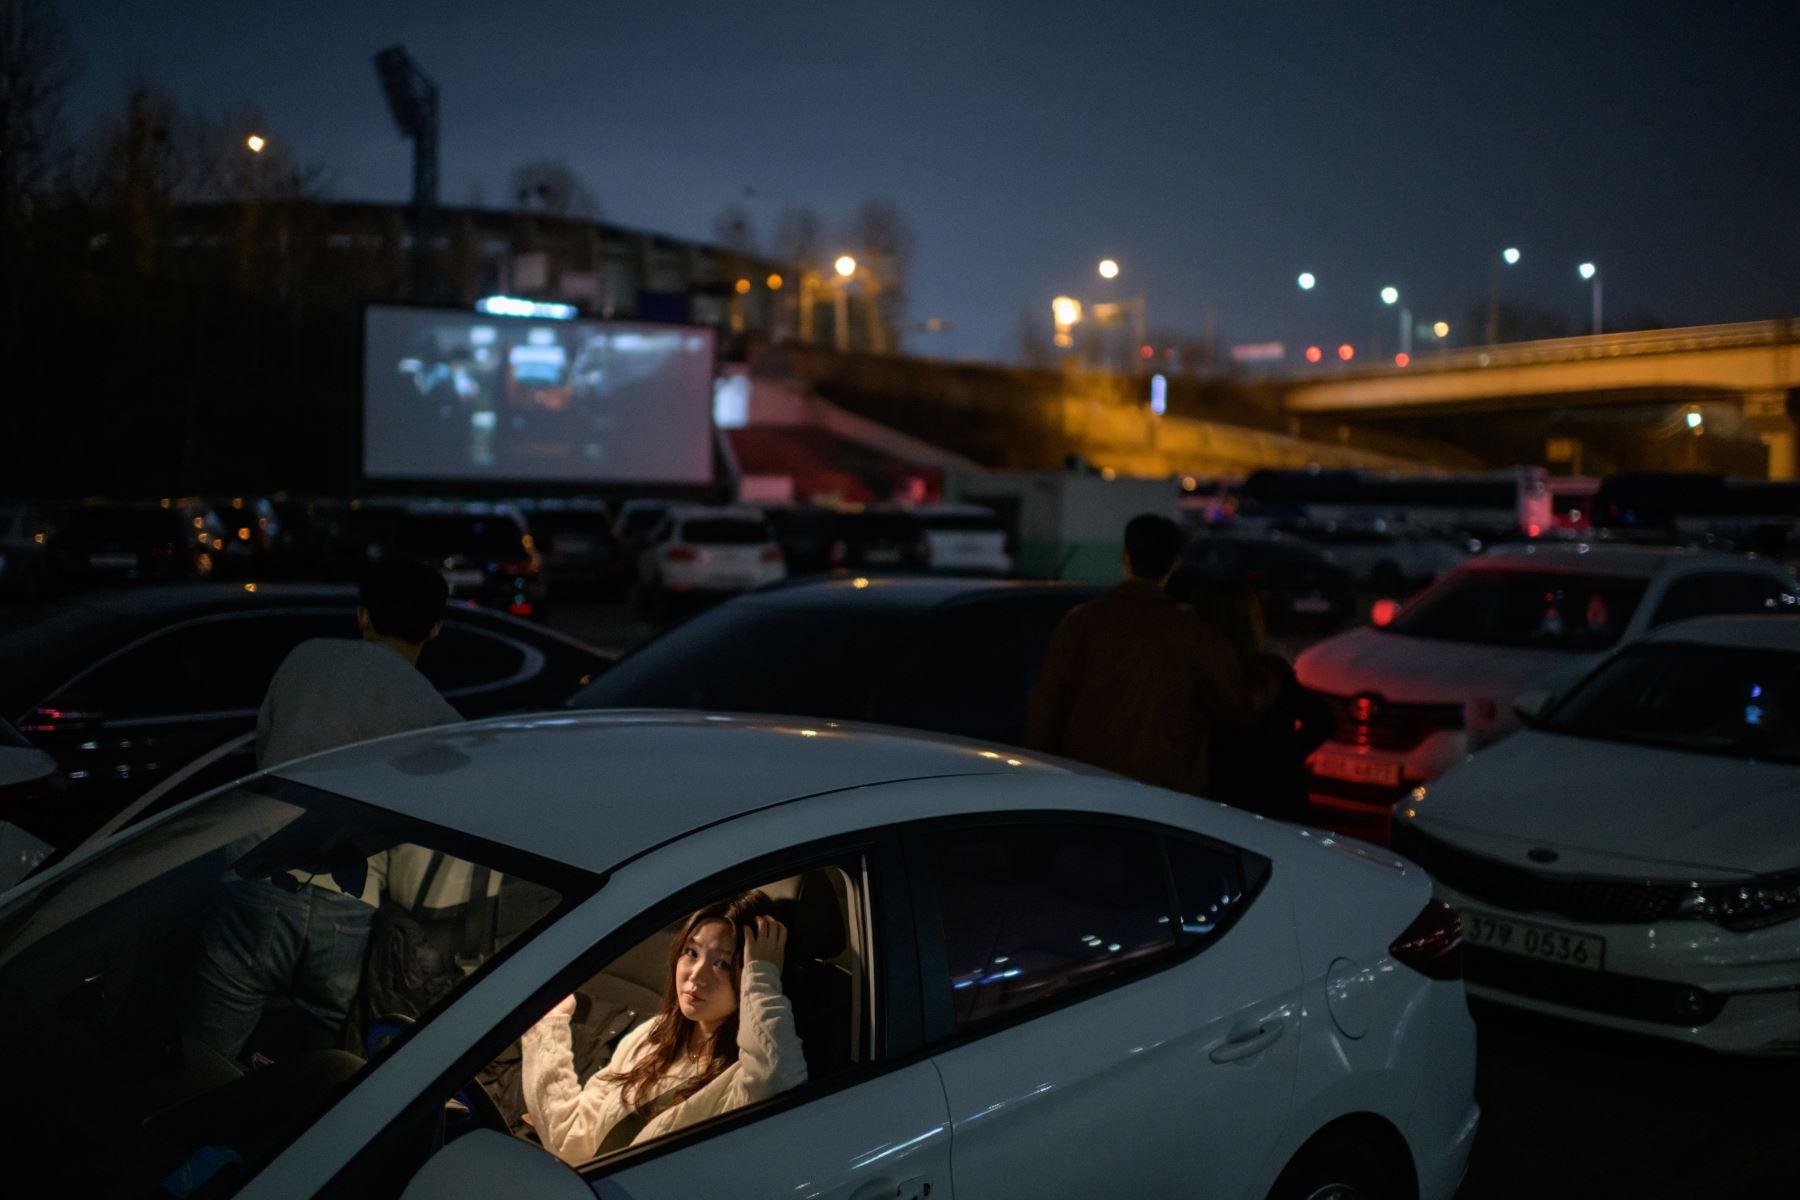 Corea del Sur experimenta con auto-cine para evitar riesgos de contraer coronavirus. Foto: AFP